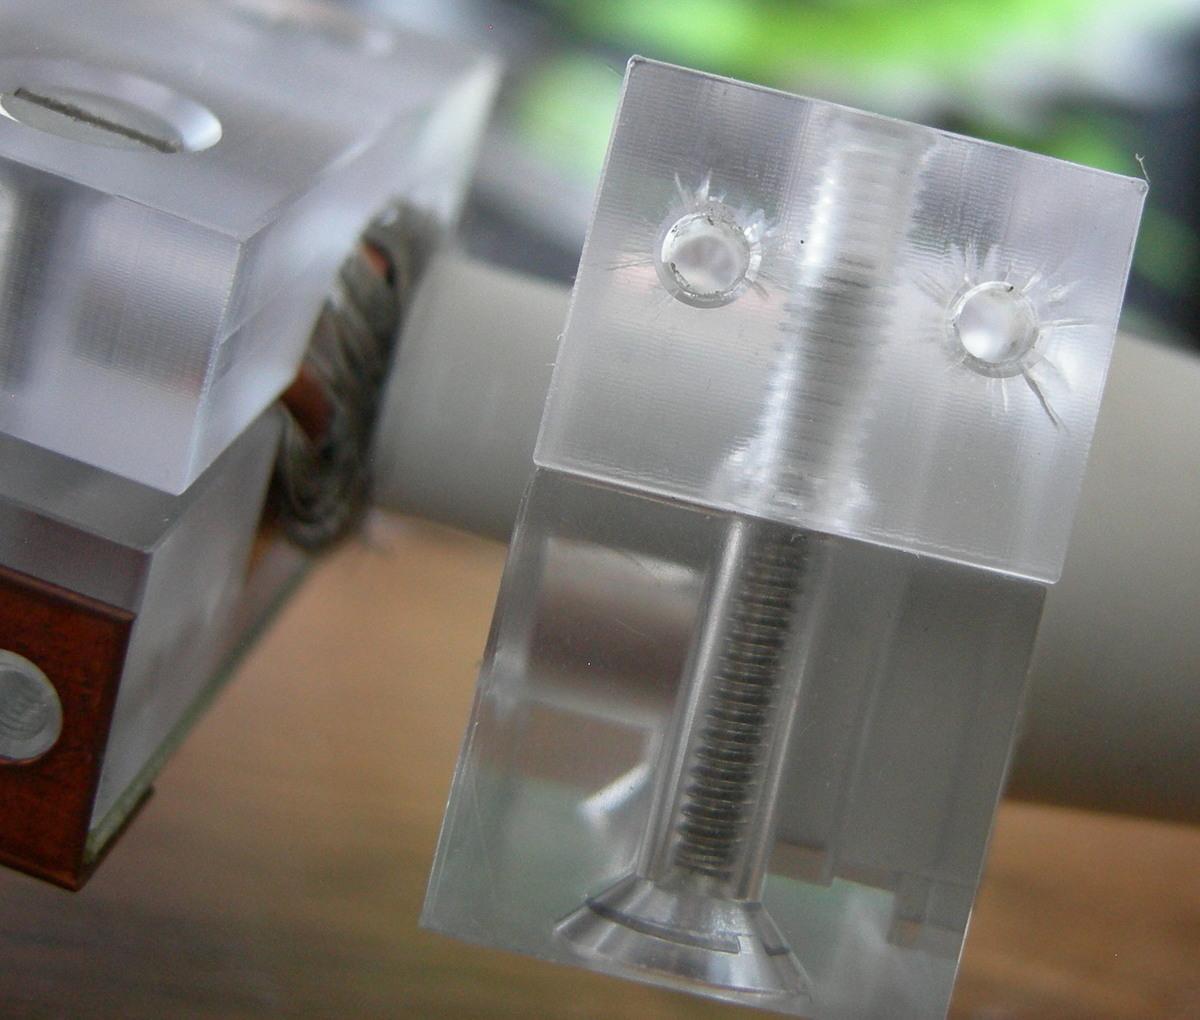 Cable holder details